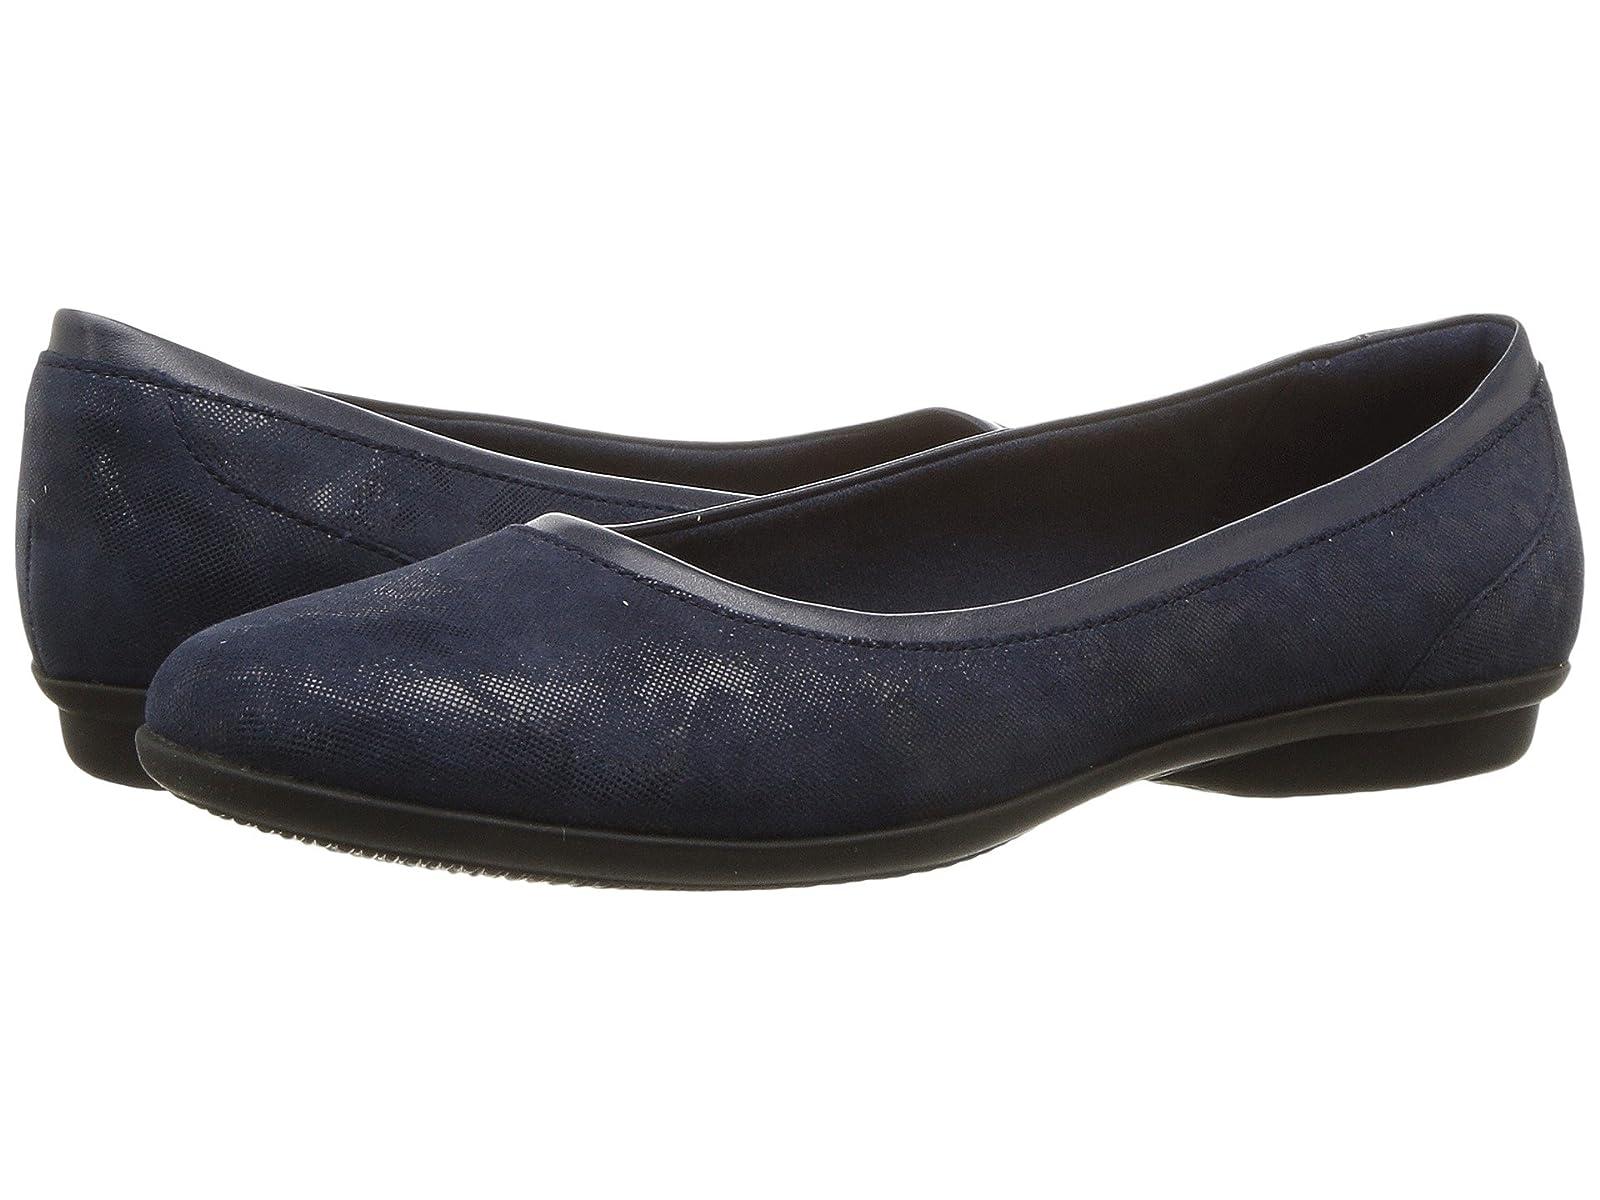 Clarks Gracelin MaraAtmospheric grades have affordable shoes